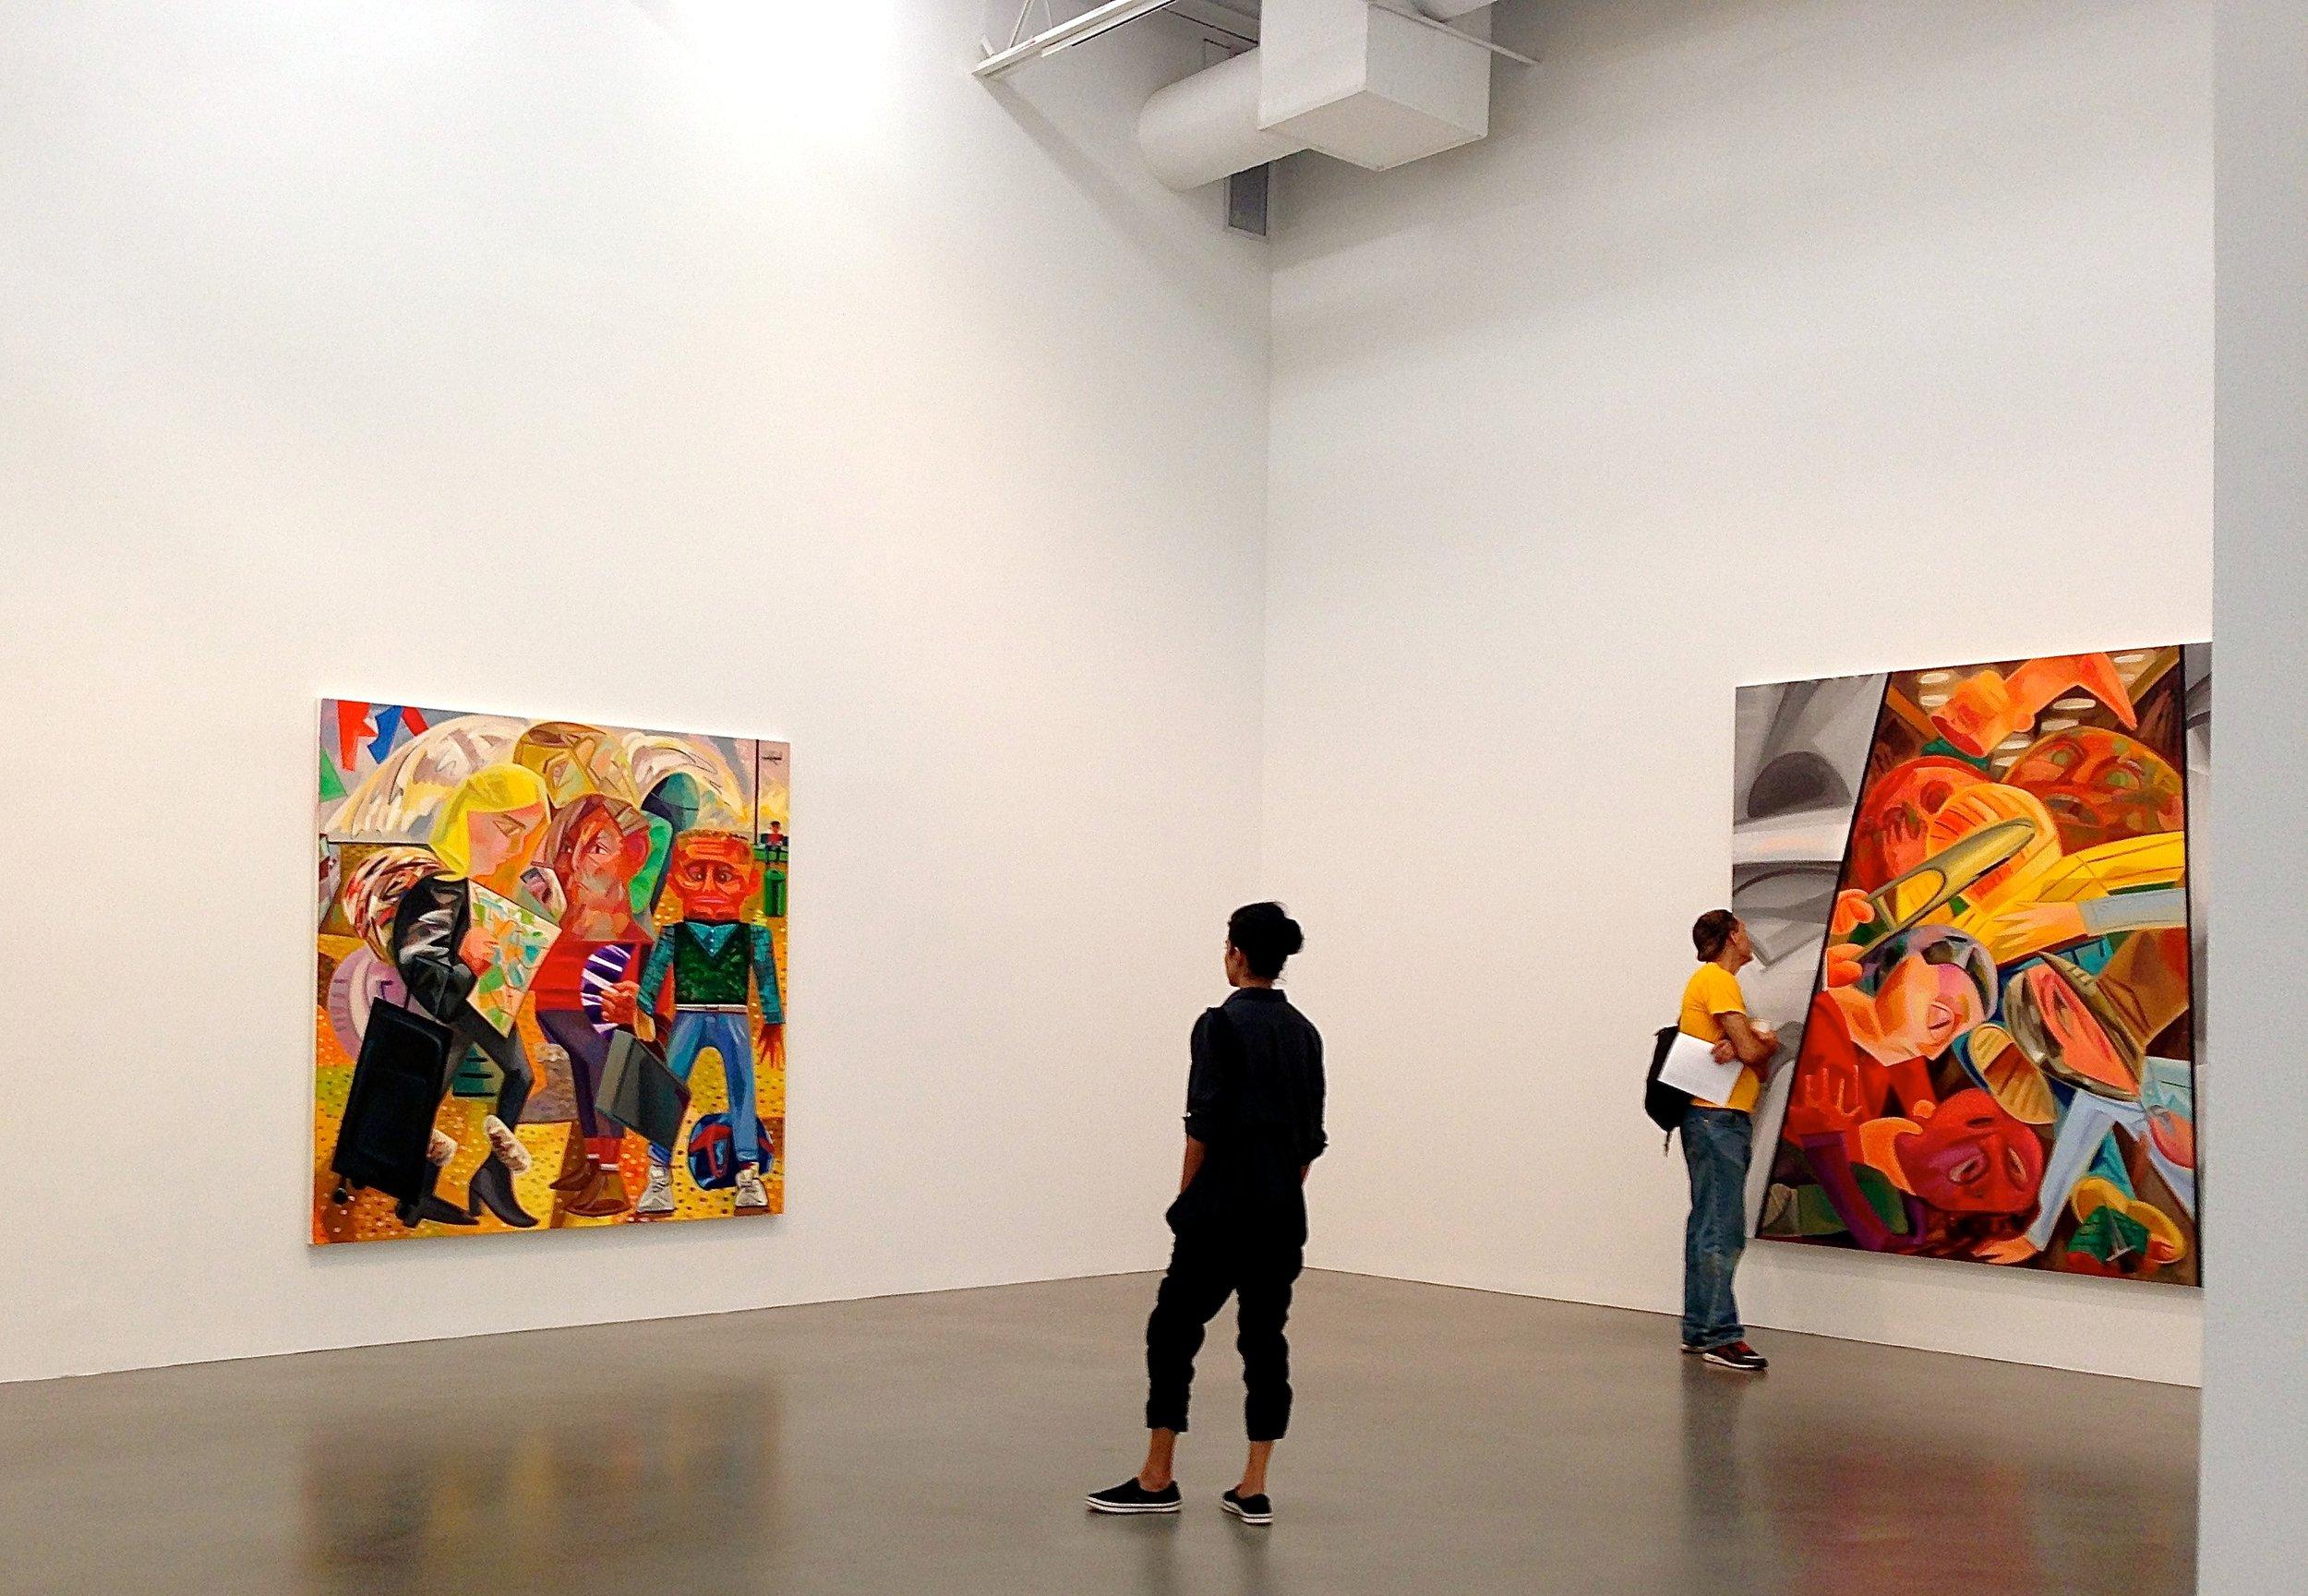 Petzel Gallery, Dana Shutz, Fight in an Elevator, 2015